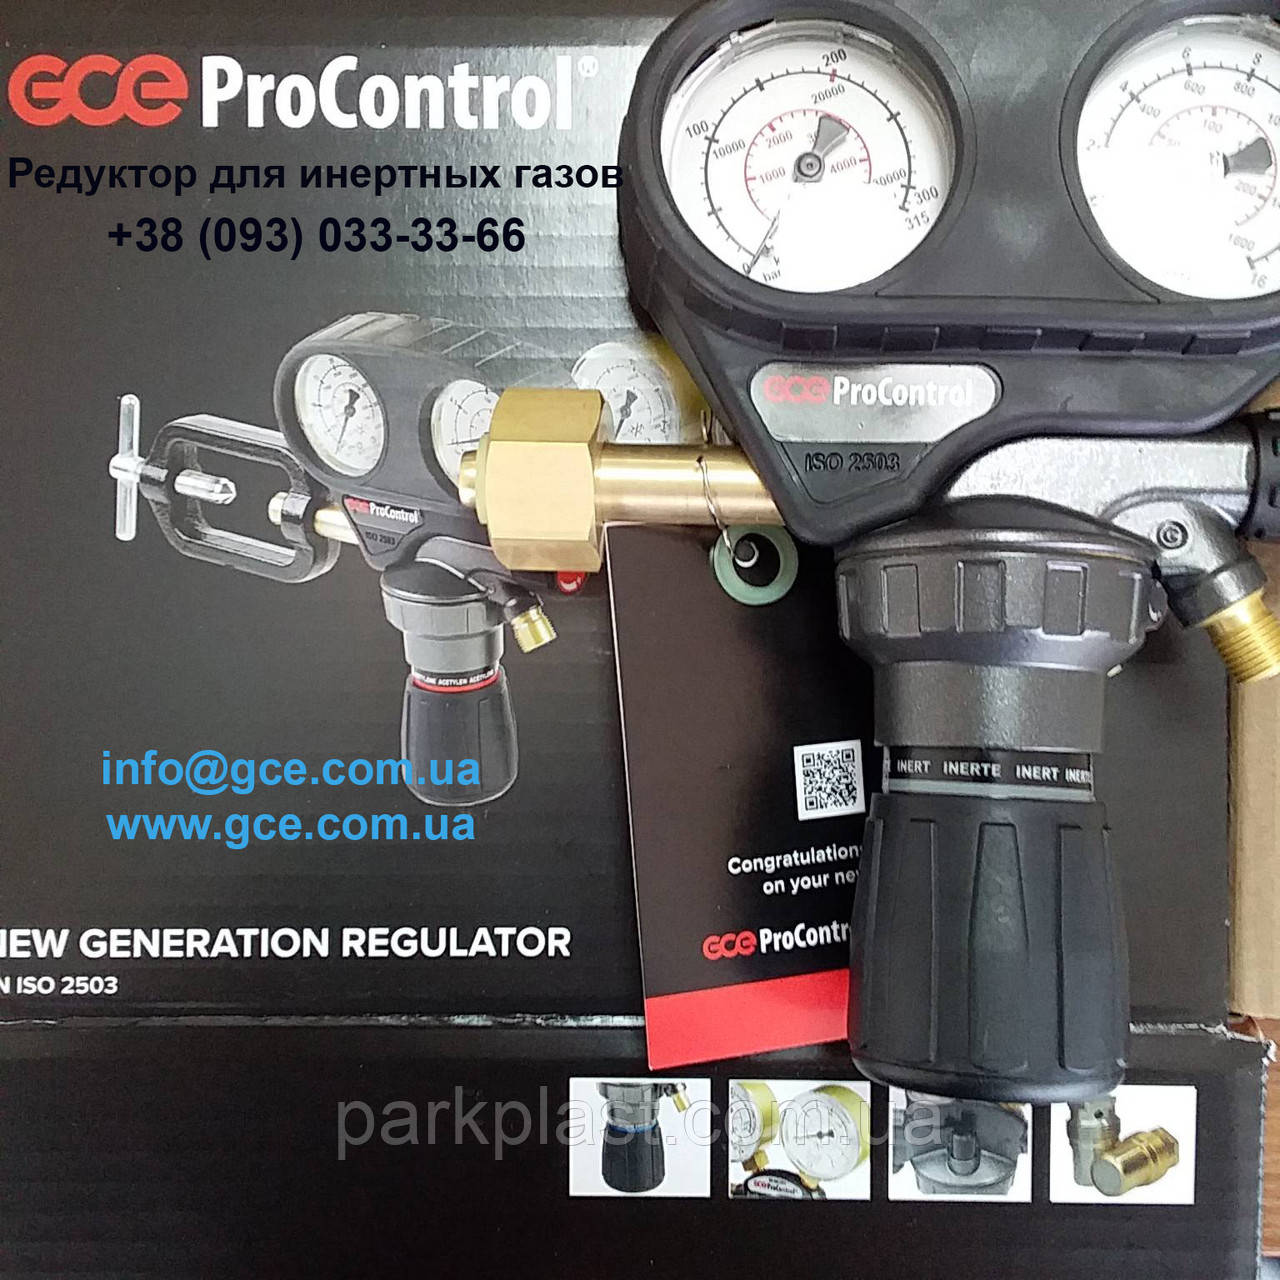 Редуктор баллонный для инертных газов ProControl, GCE Украина, фото 1